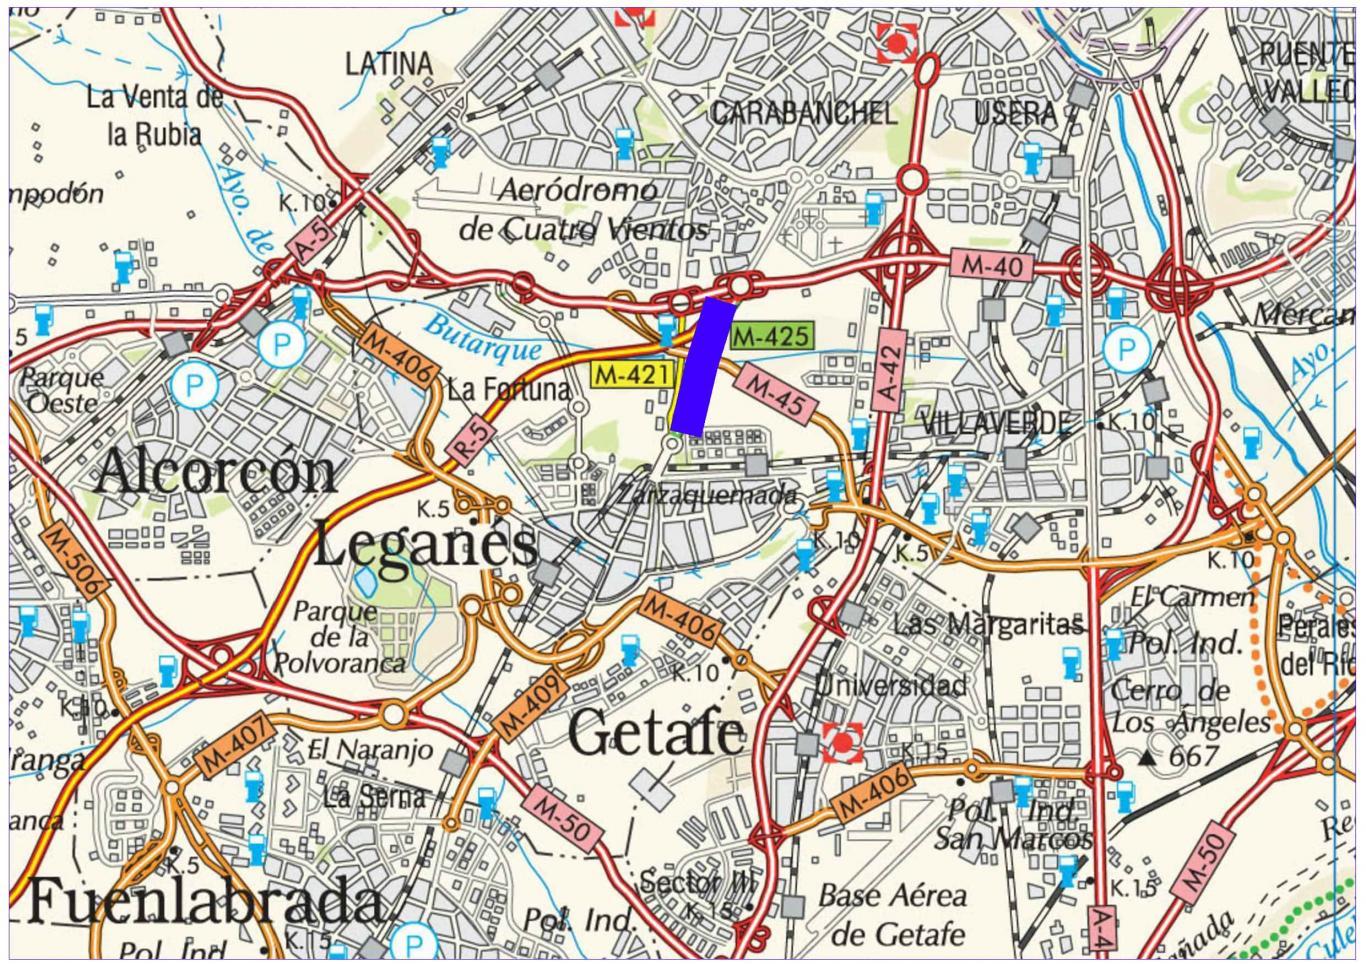 Plano de situación de la obra M-425 pk 0,000-1,830